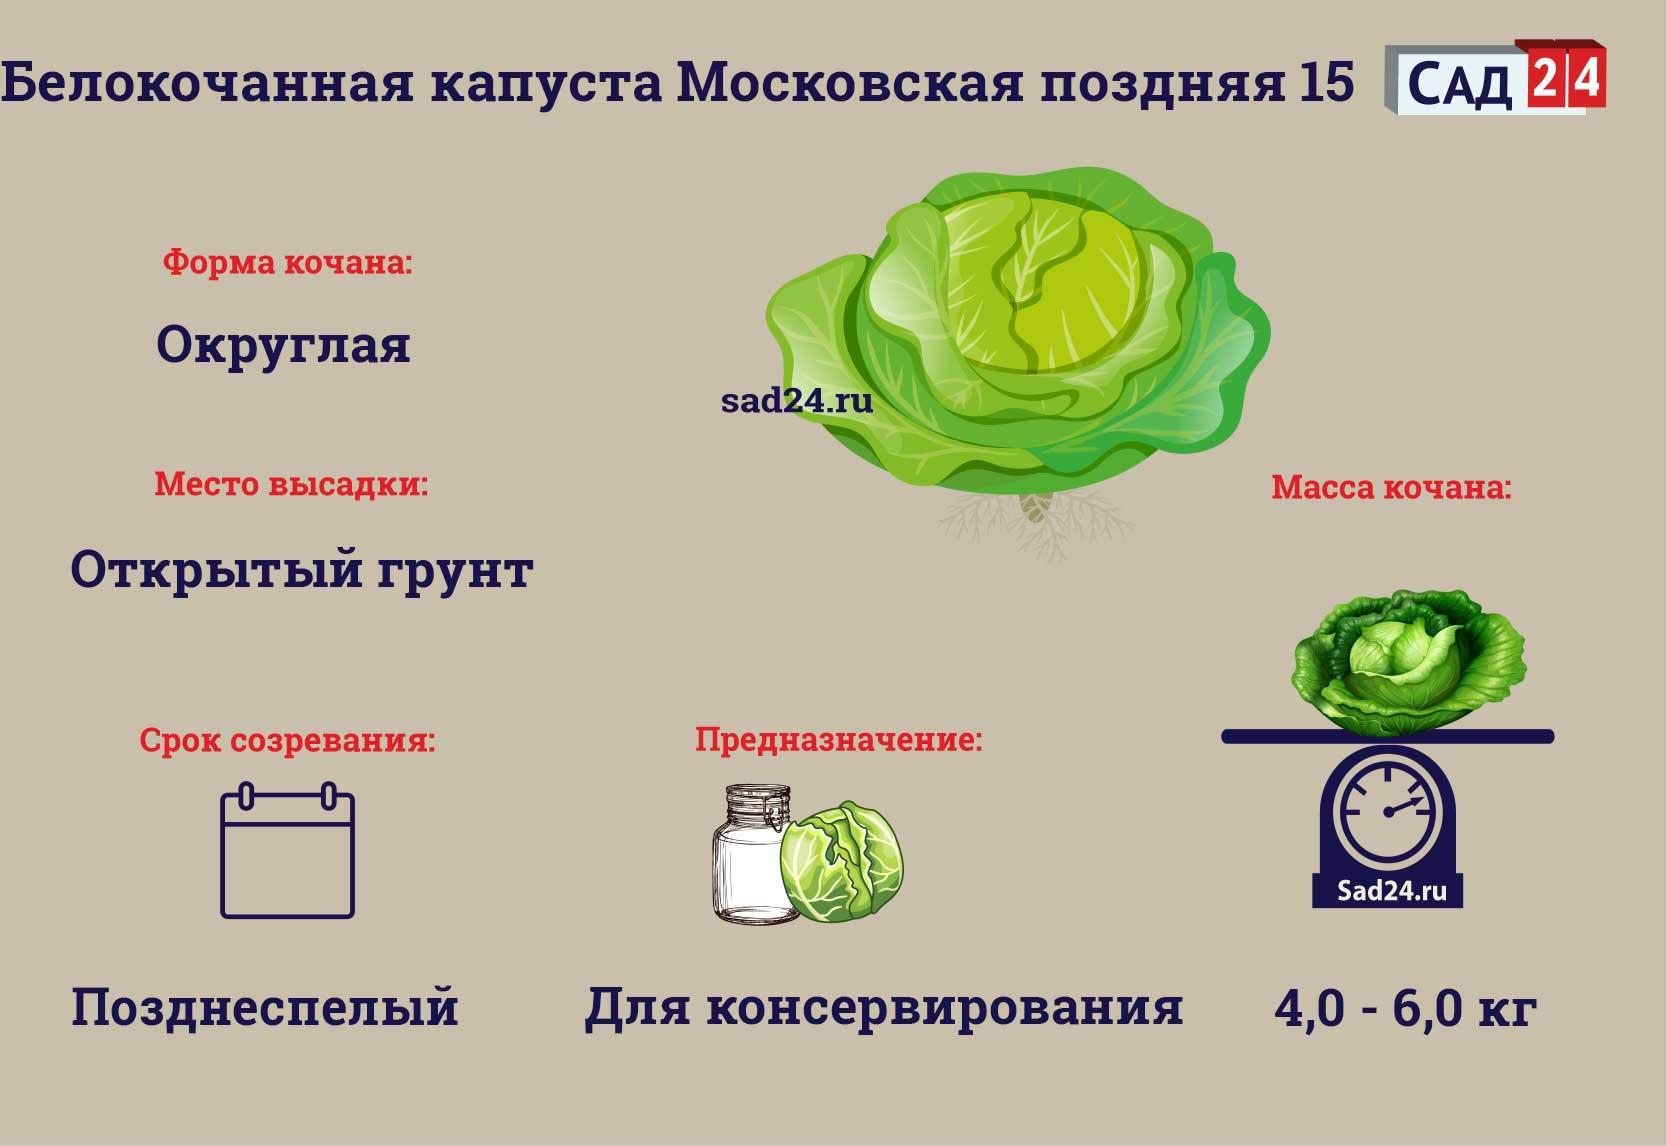 Московская поздняя -https://sad24.ru